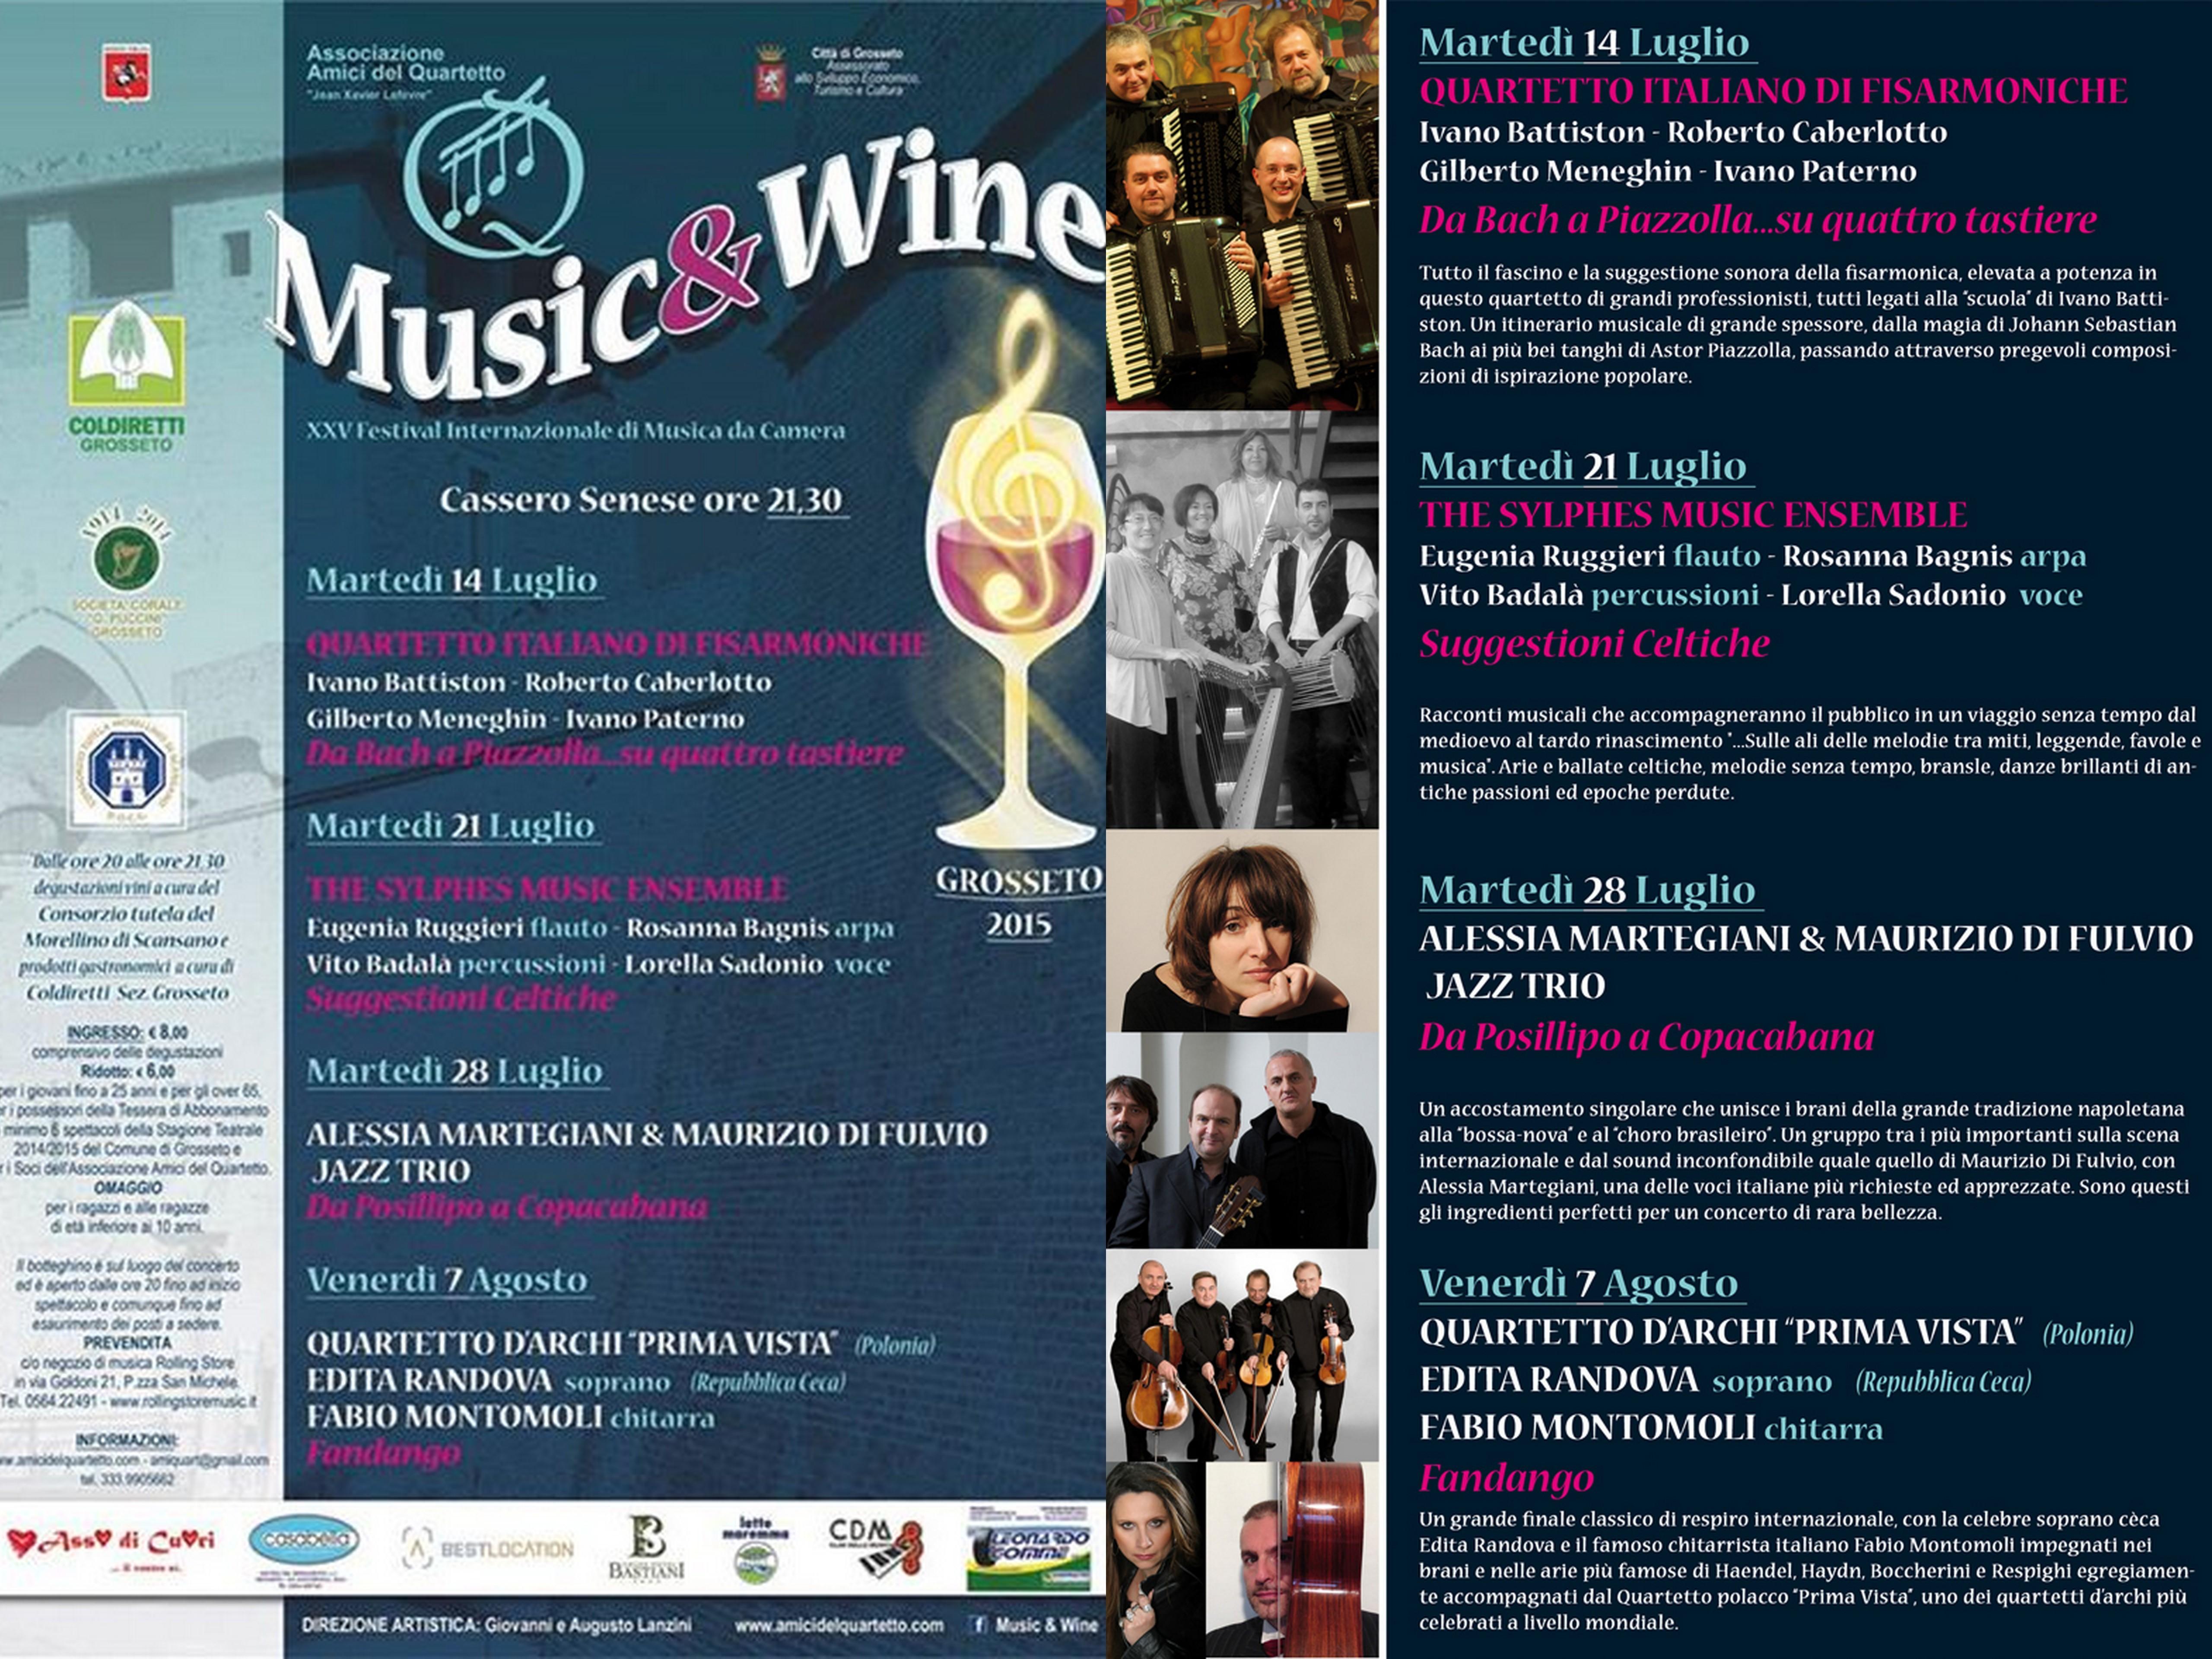 """XXV° Festival Internazionale """"Music & Wine"""": concerto d'avvio """"da Bach a Piazzolla….su quattro tastiere!"""" – Quartetto Italiano di Fisarmoniche, martedì 14 luglio Cassero Senese a Grosseto"""